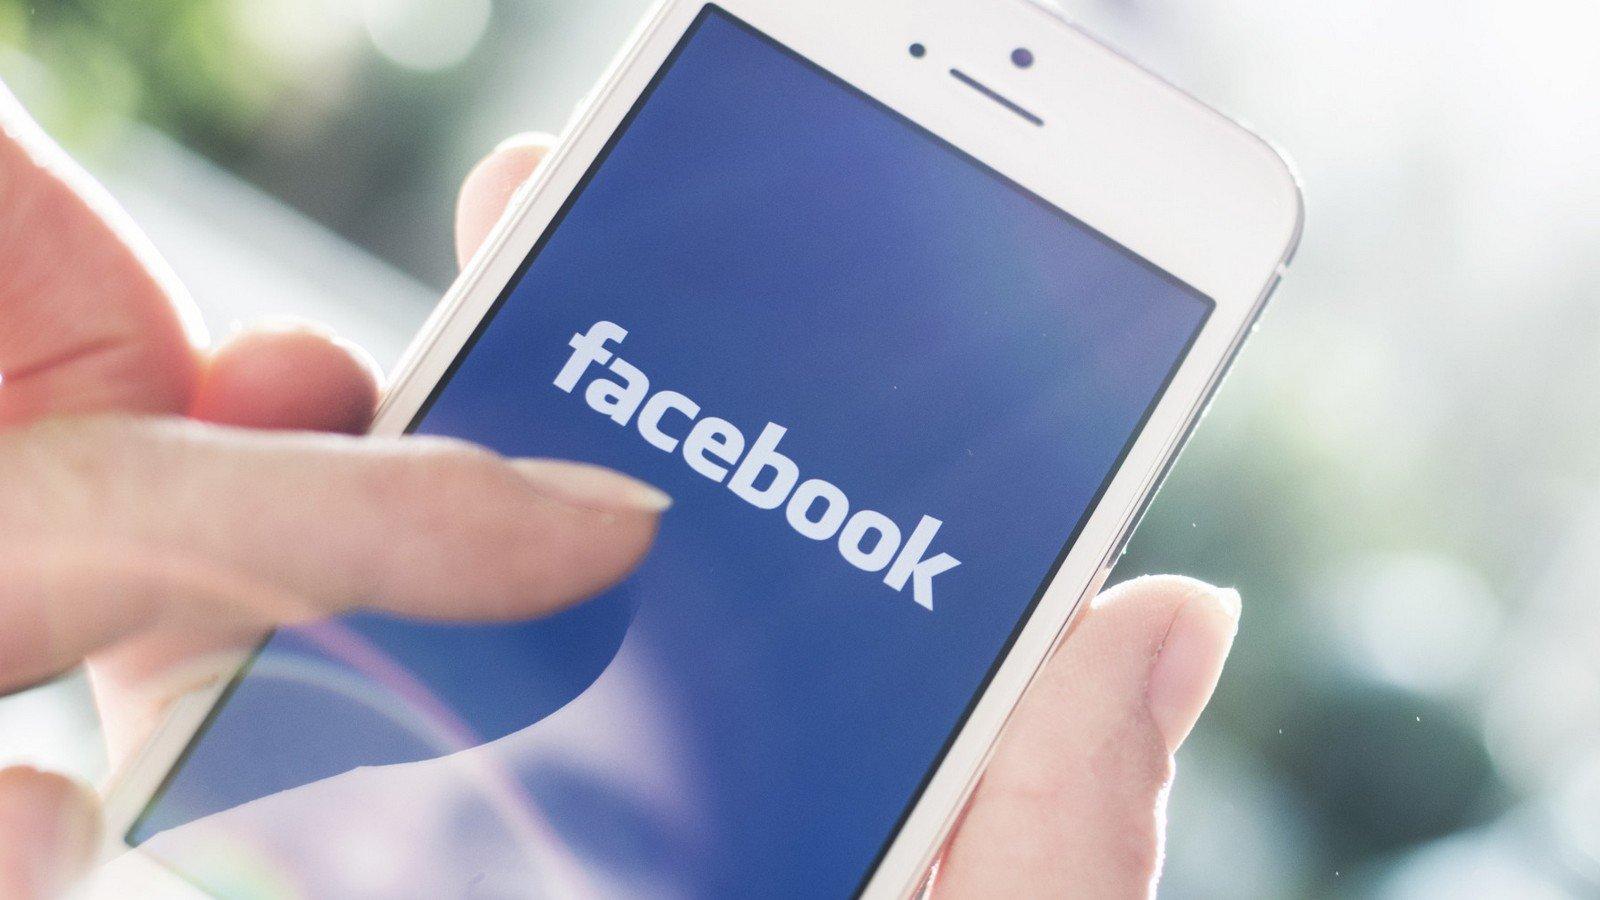 В фейсбук сейчас можно навремя утаивать пользователя изленты, неотписываясь